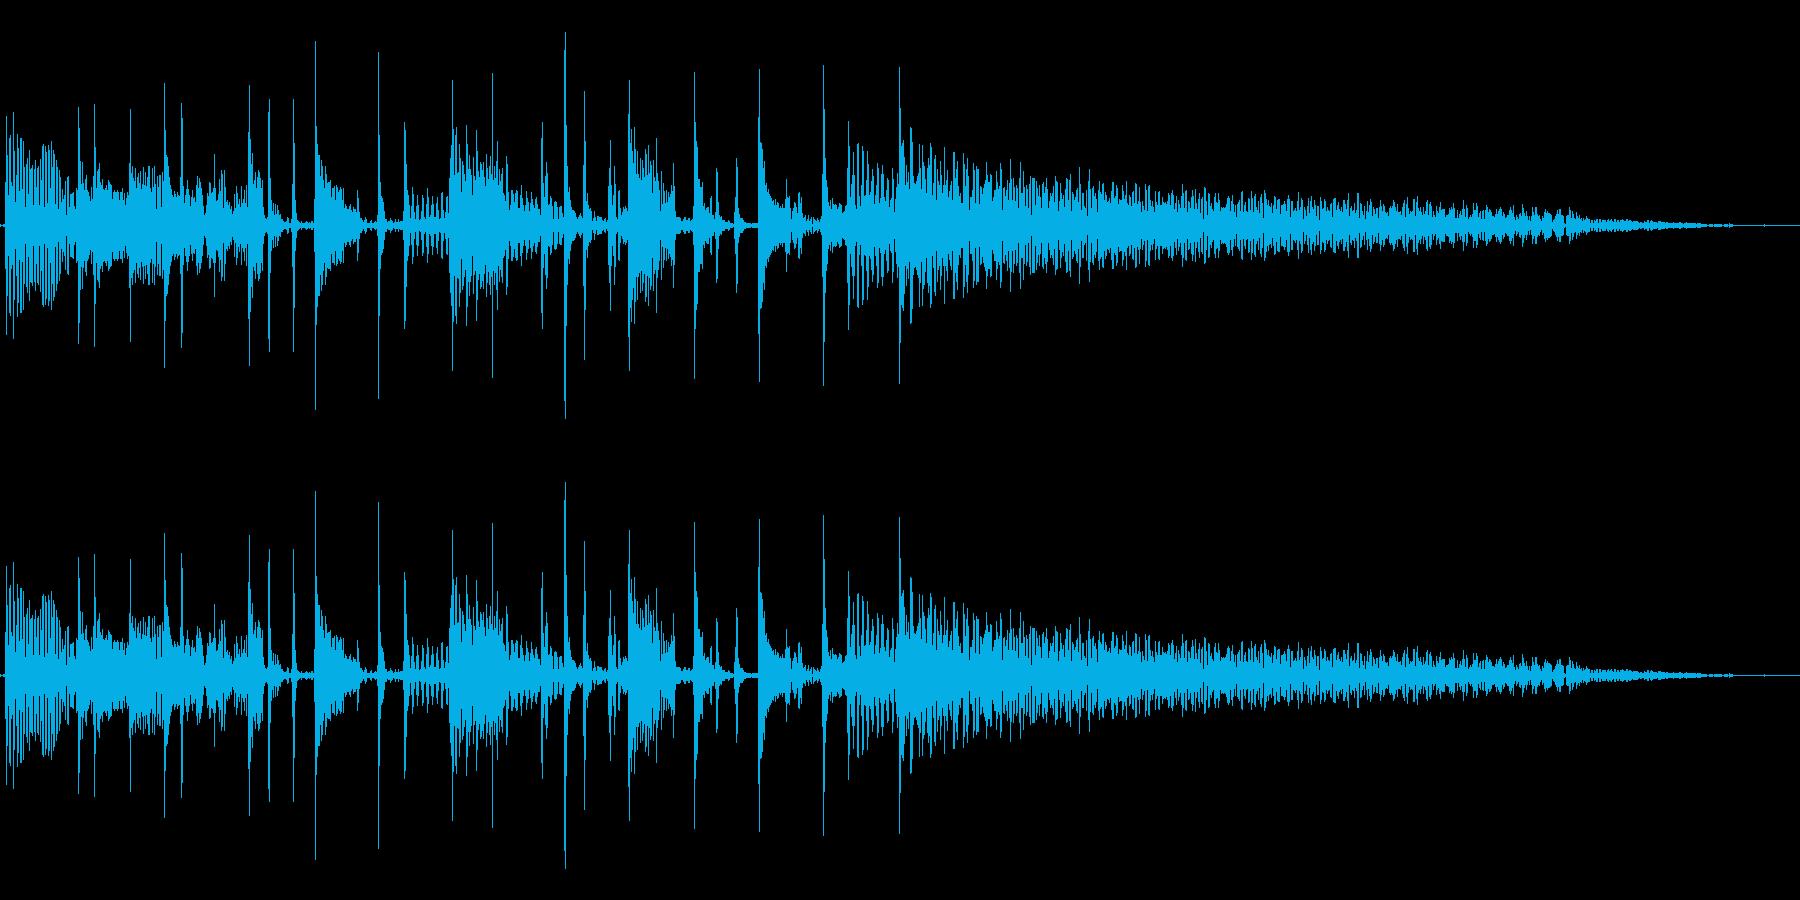 スタイリッシュなスラップベースジングル②の再生済みの波形